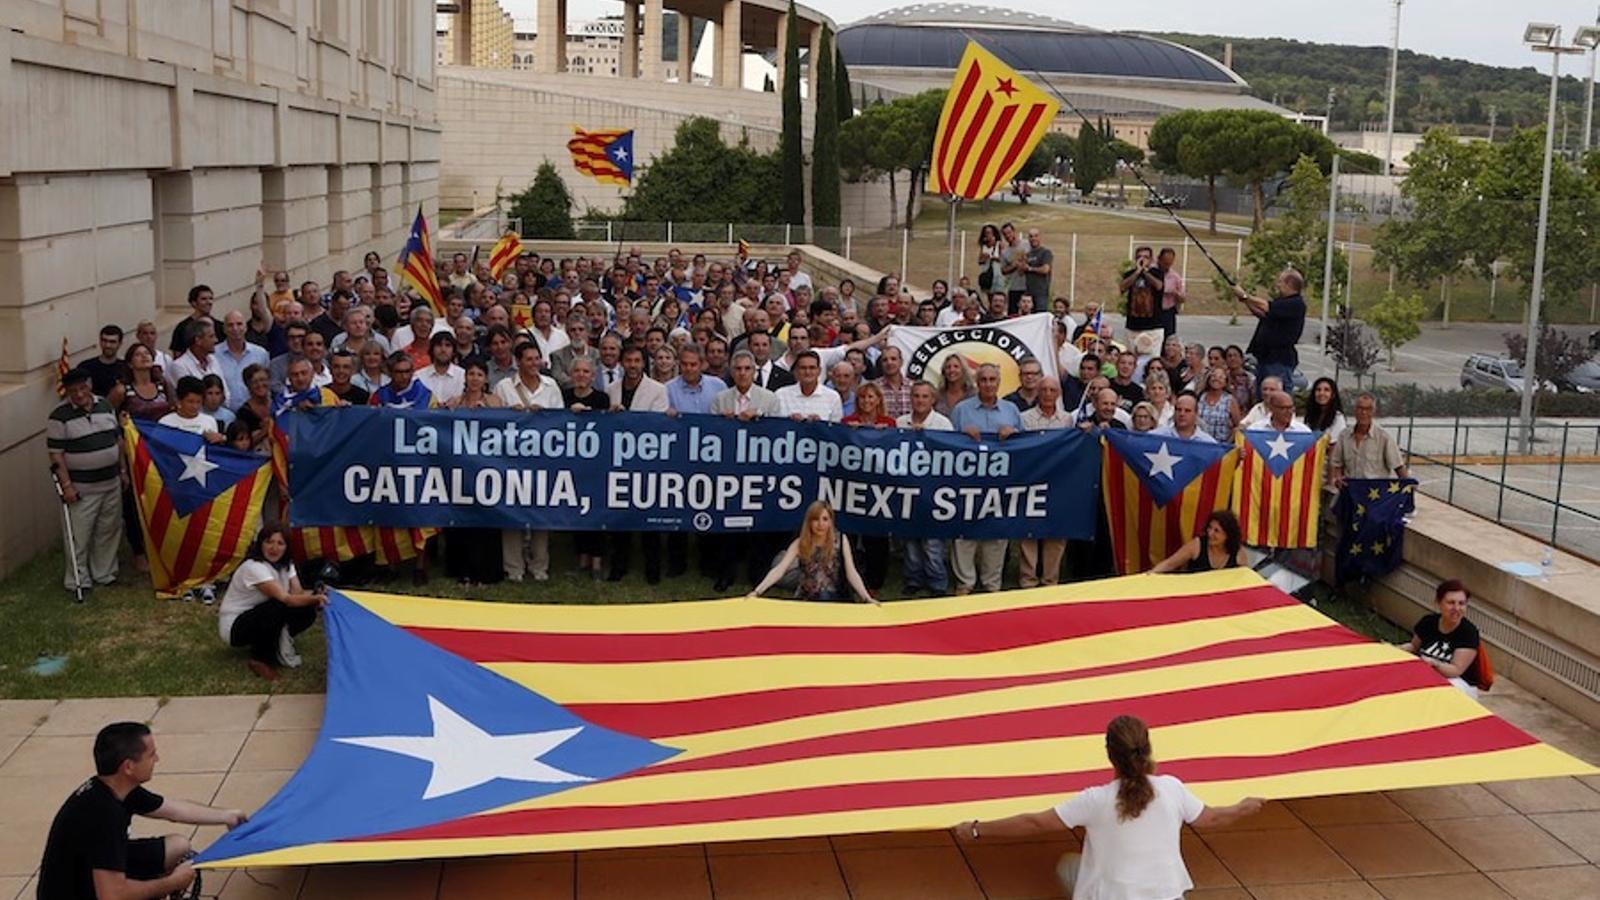 Col·lectiu La Natació Catalana per la Independència